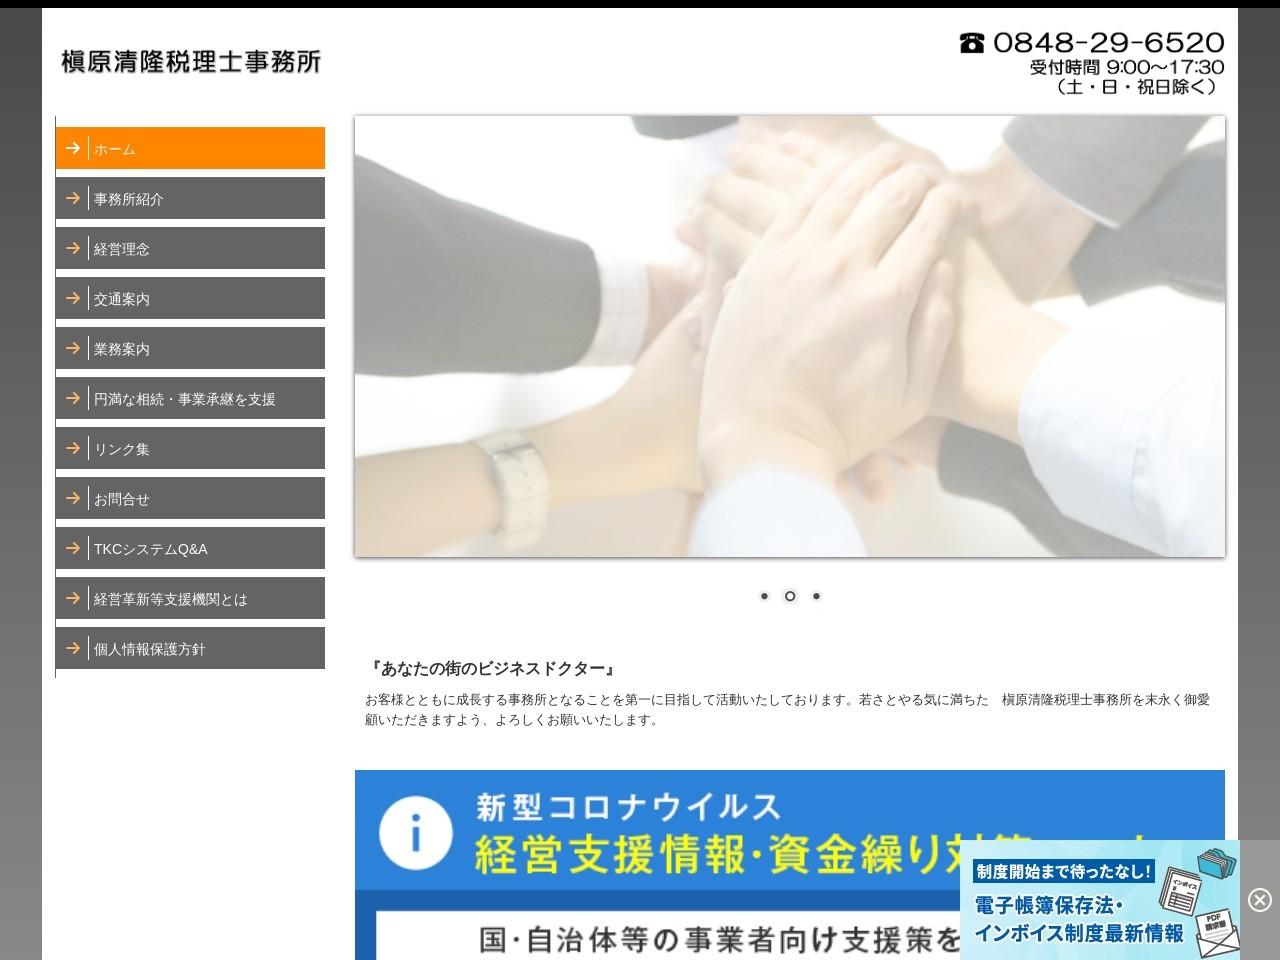 槇原清隆税理士事務所